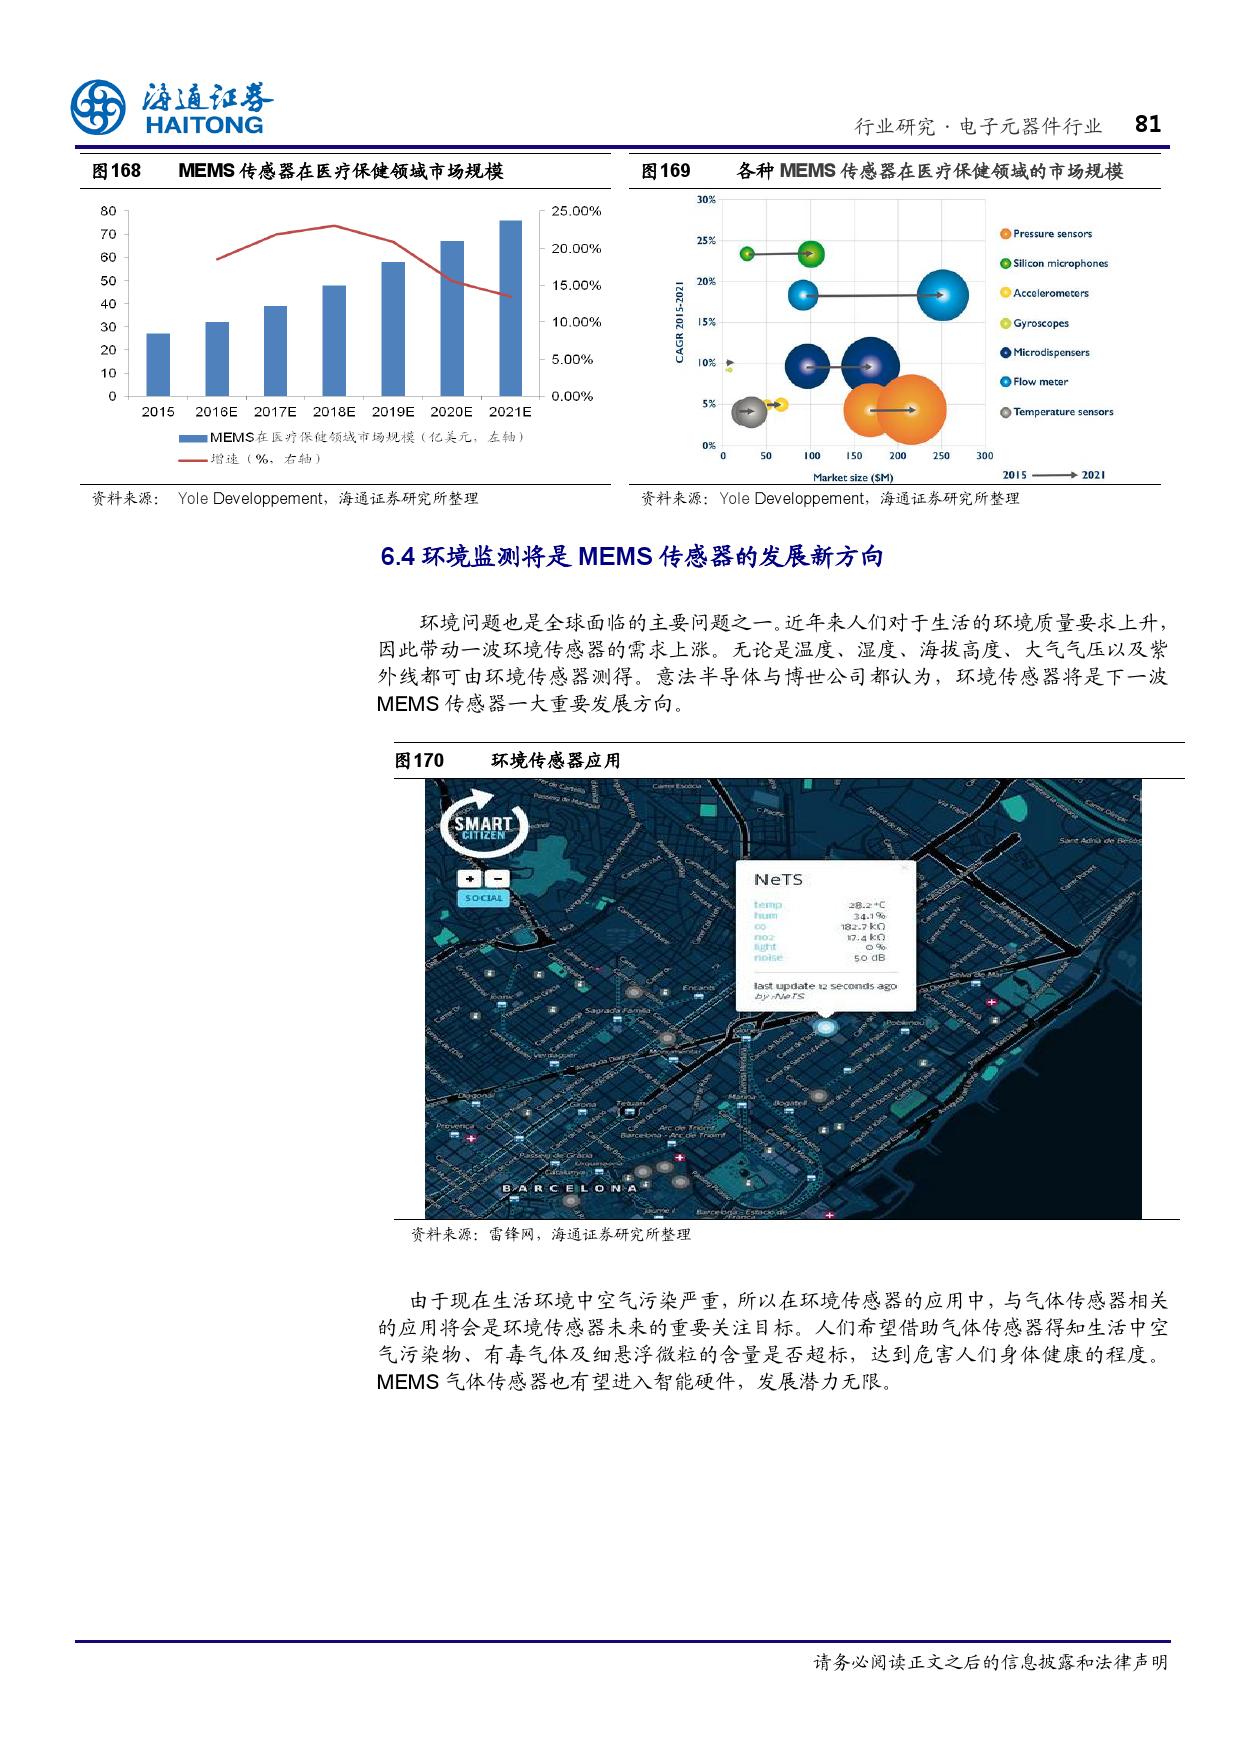 报告全解传感器全球产业链_000081